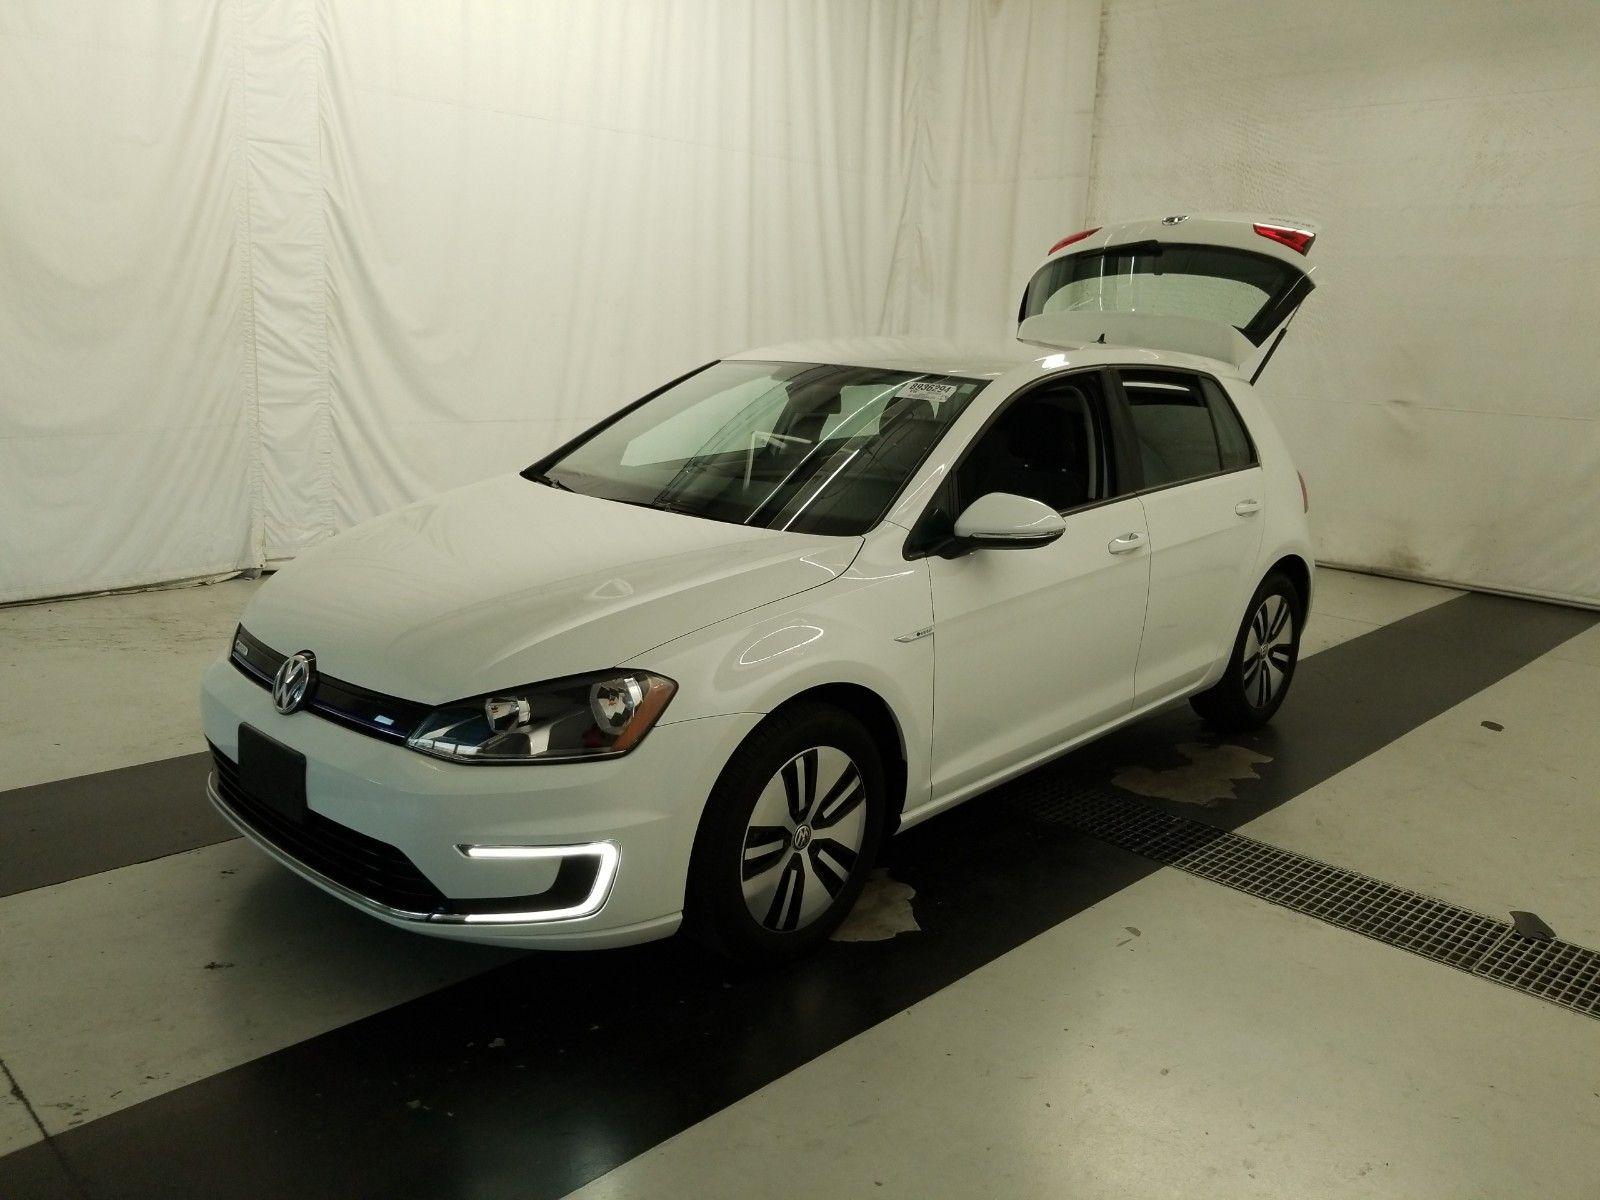 2016 Volkswagen E-golf . Lot 99913372485 Vin WVWKP7AU0GW916120